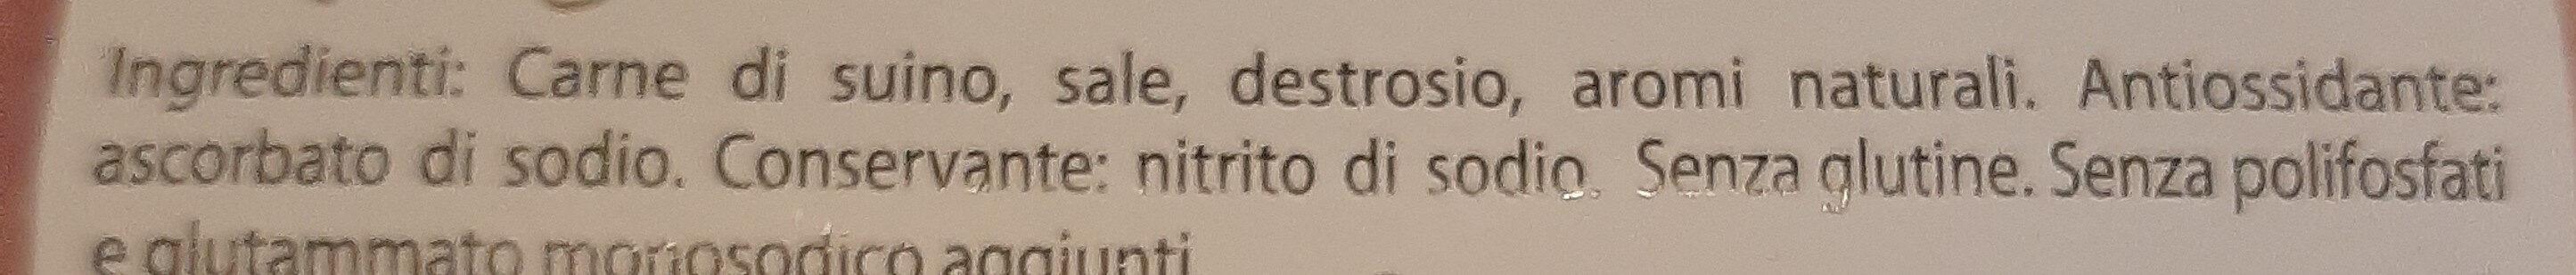 Prosciutto cotto - Inhaltsstoffe - it